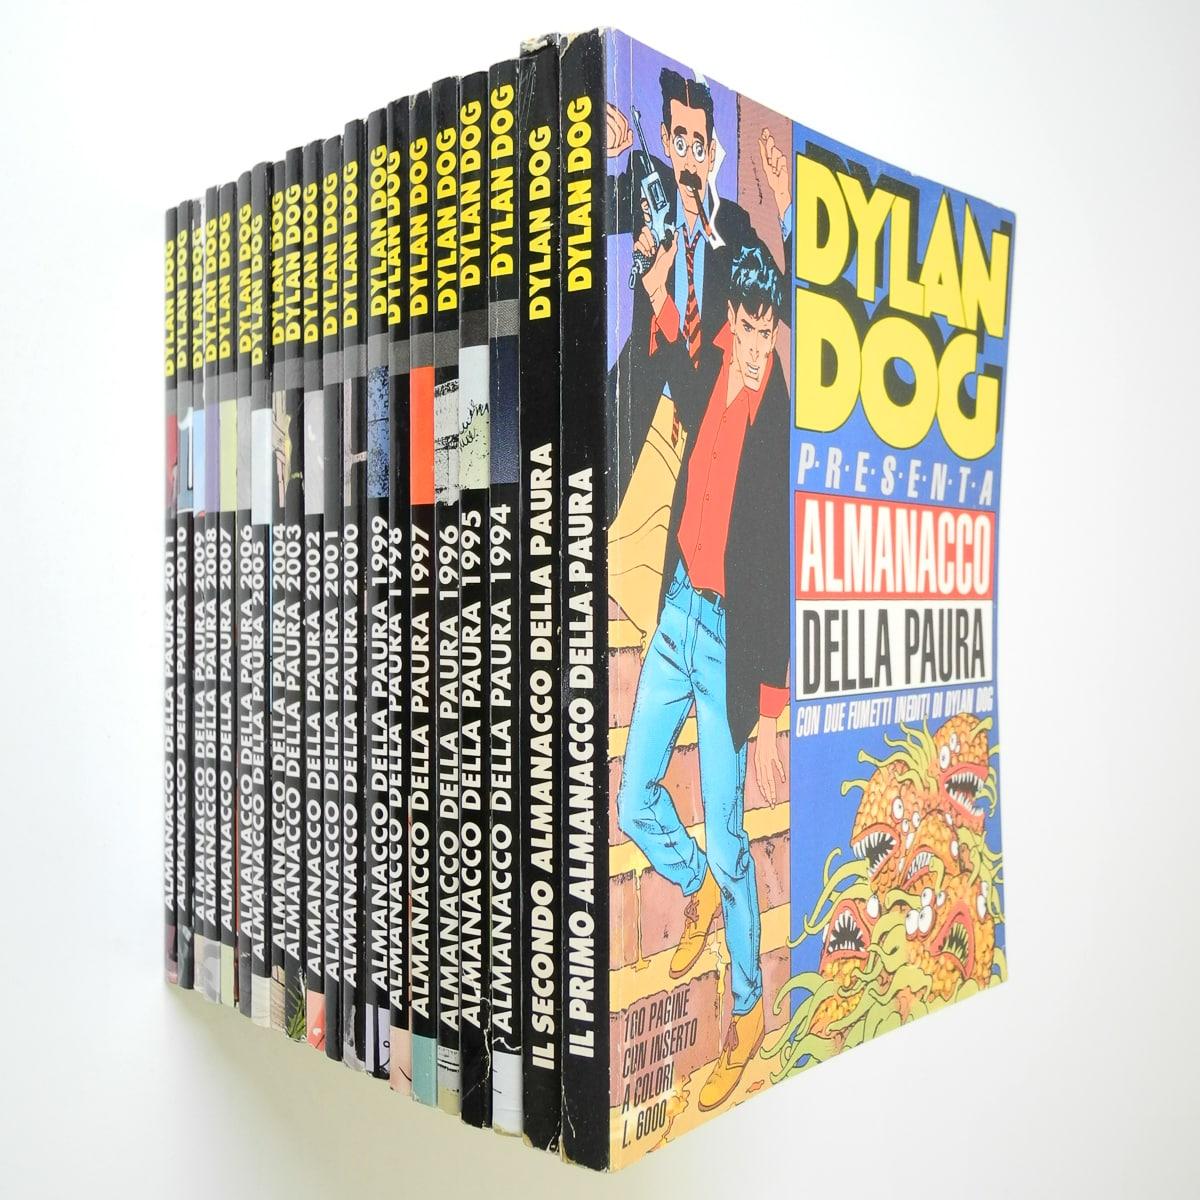 Dylan Dog Almanacco della paura dal 1991 al 2011 Bonelli